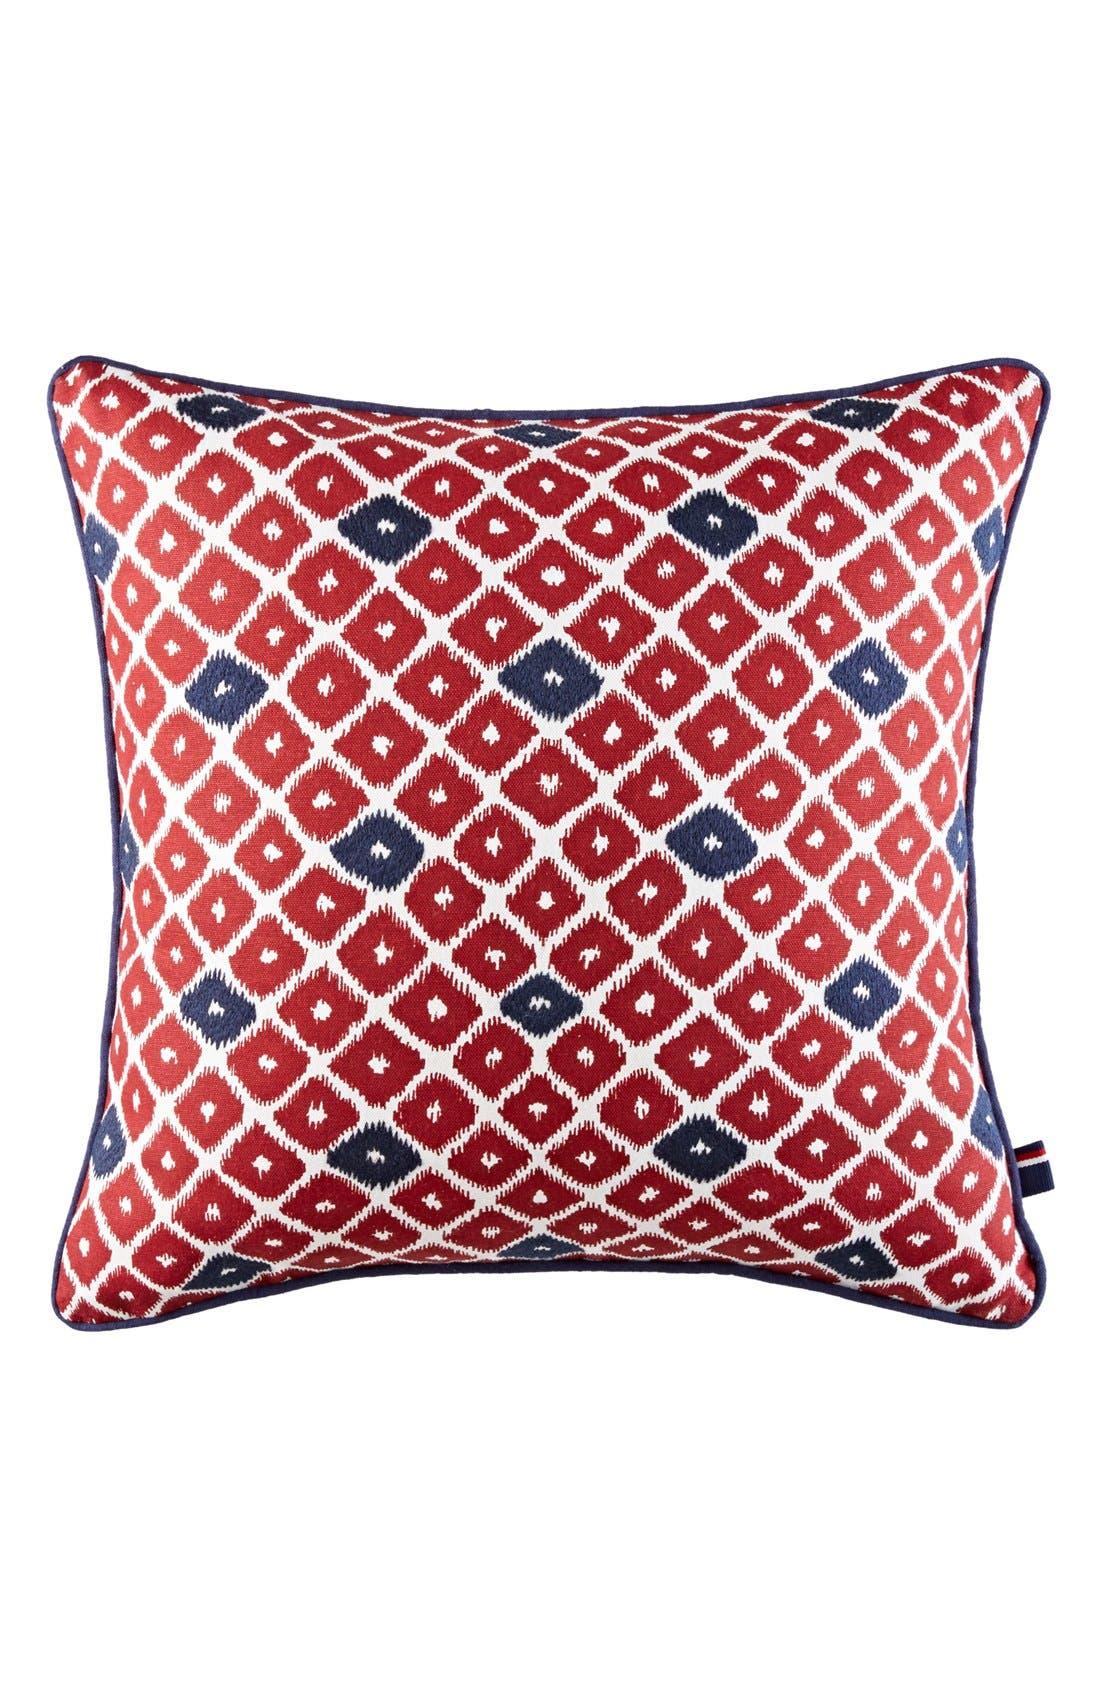 Ellis Diamond Accent Pillow,                         Main,                         color, Red/ Blue